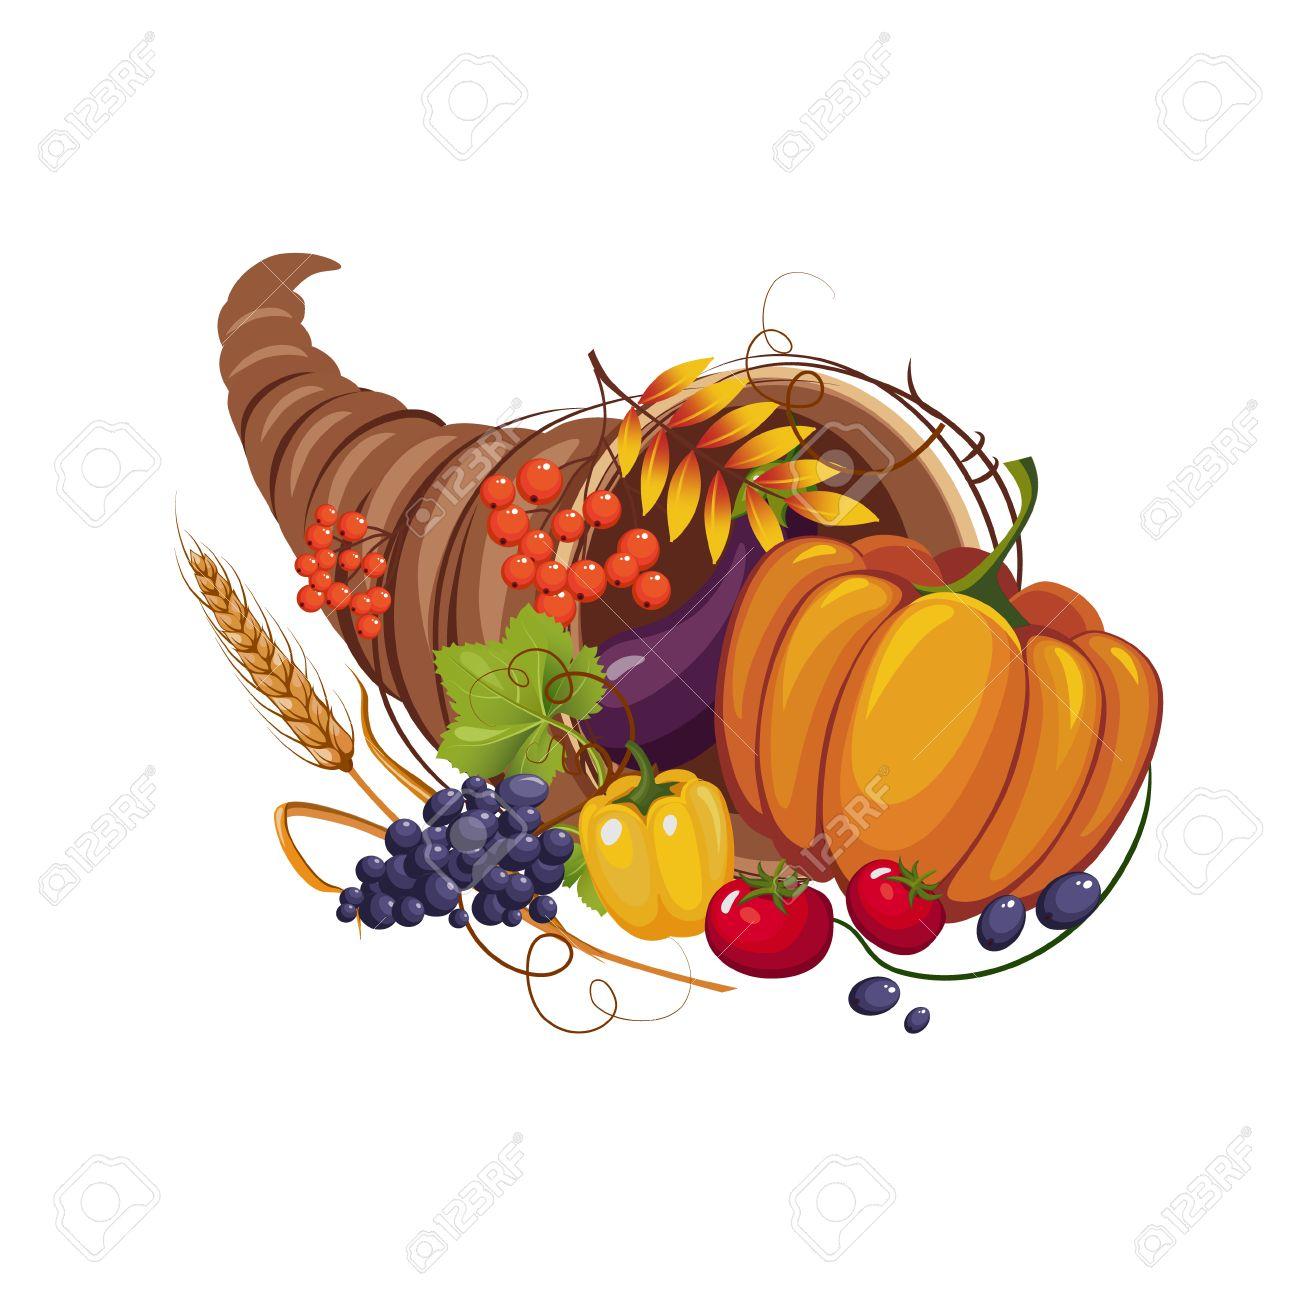 Ziemlich Thanksgiving Füllhorn Malvorlagen Bilder - Malvorlagen Von ...